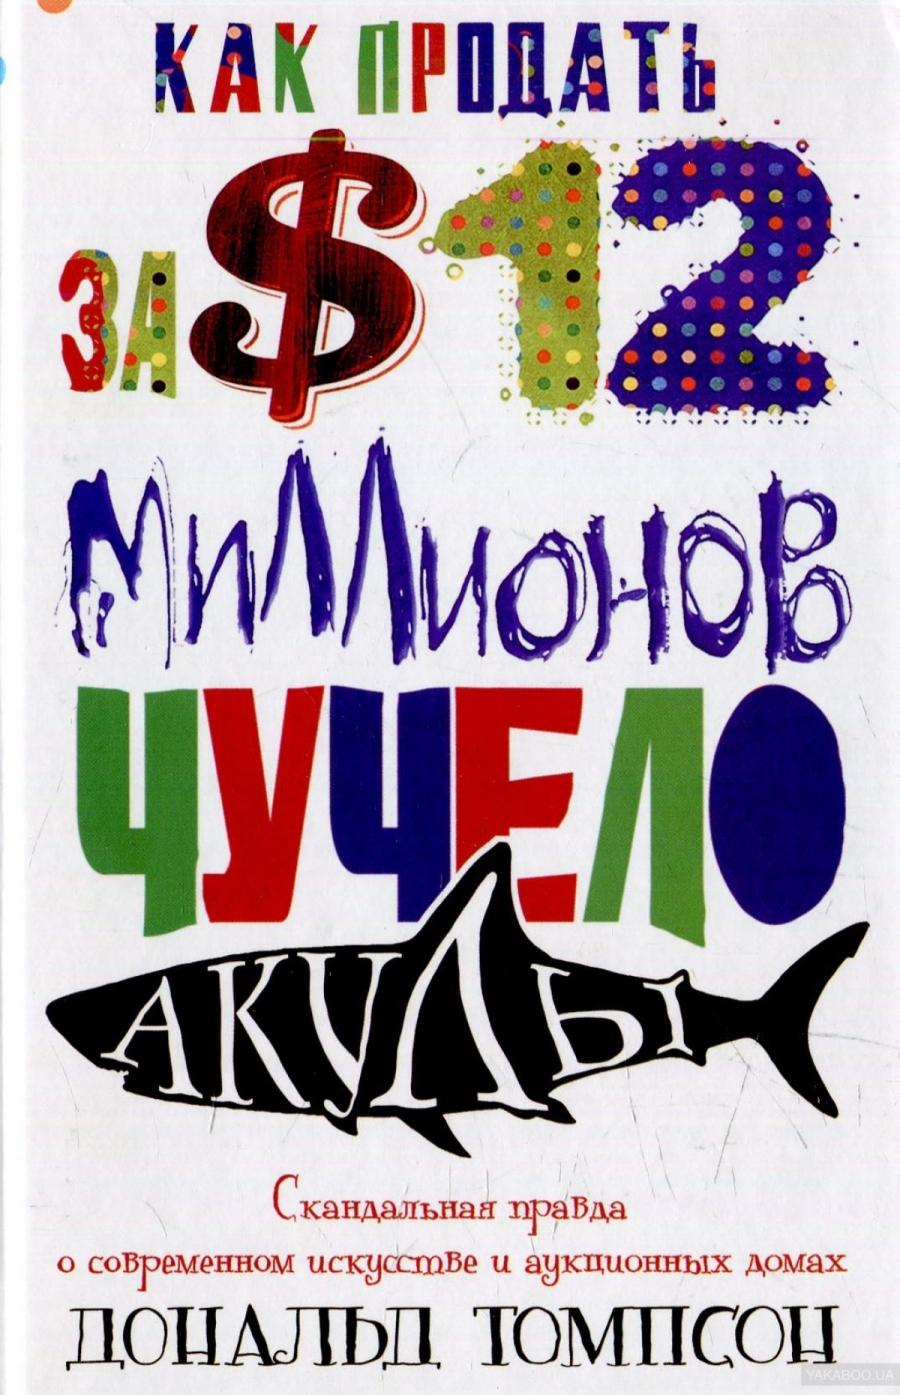 Обложка книги:  дональд томпсон - как продать за 12 миллионов долларов чучело акулы